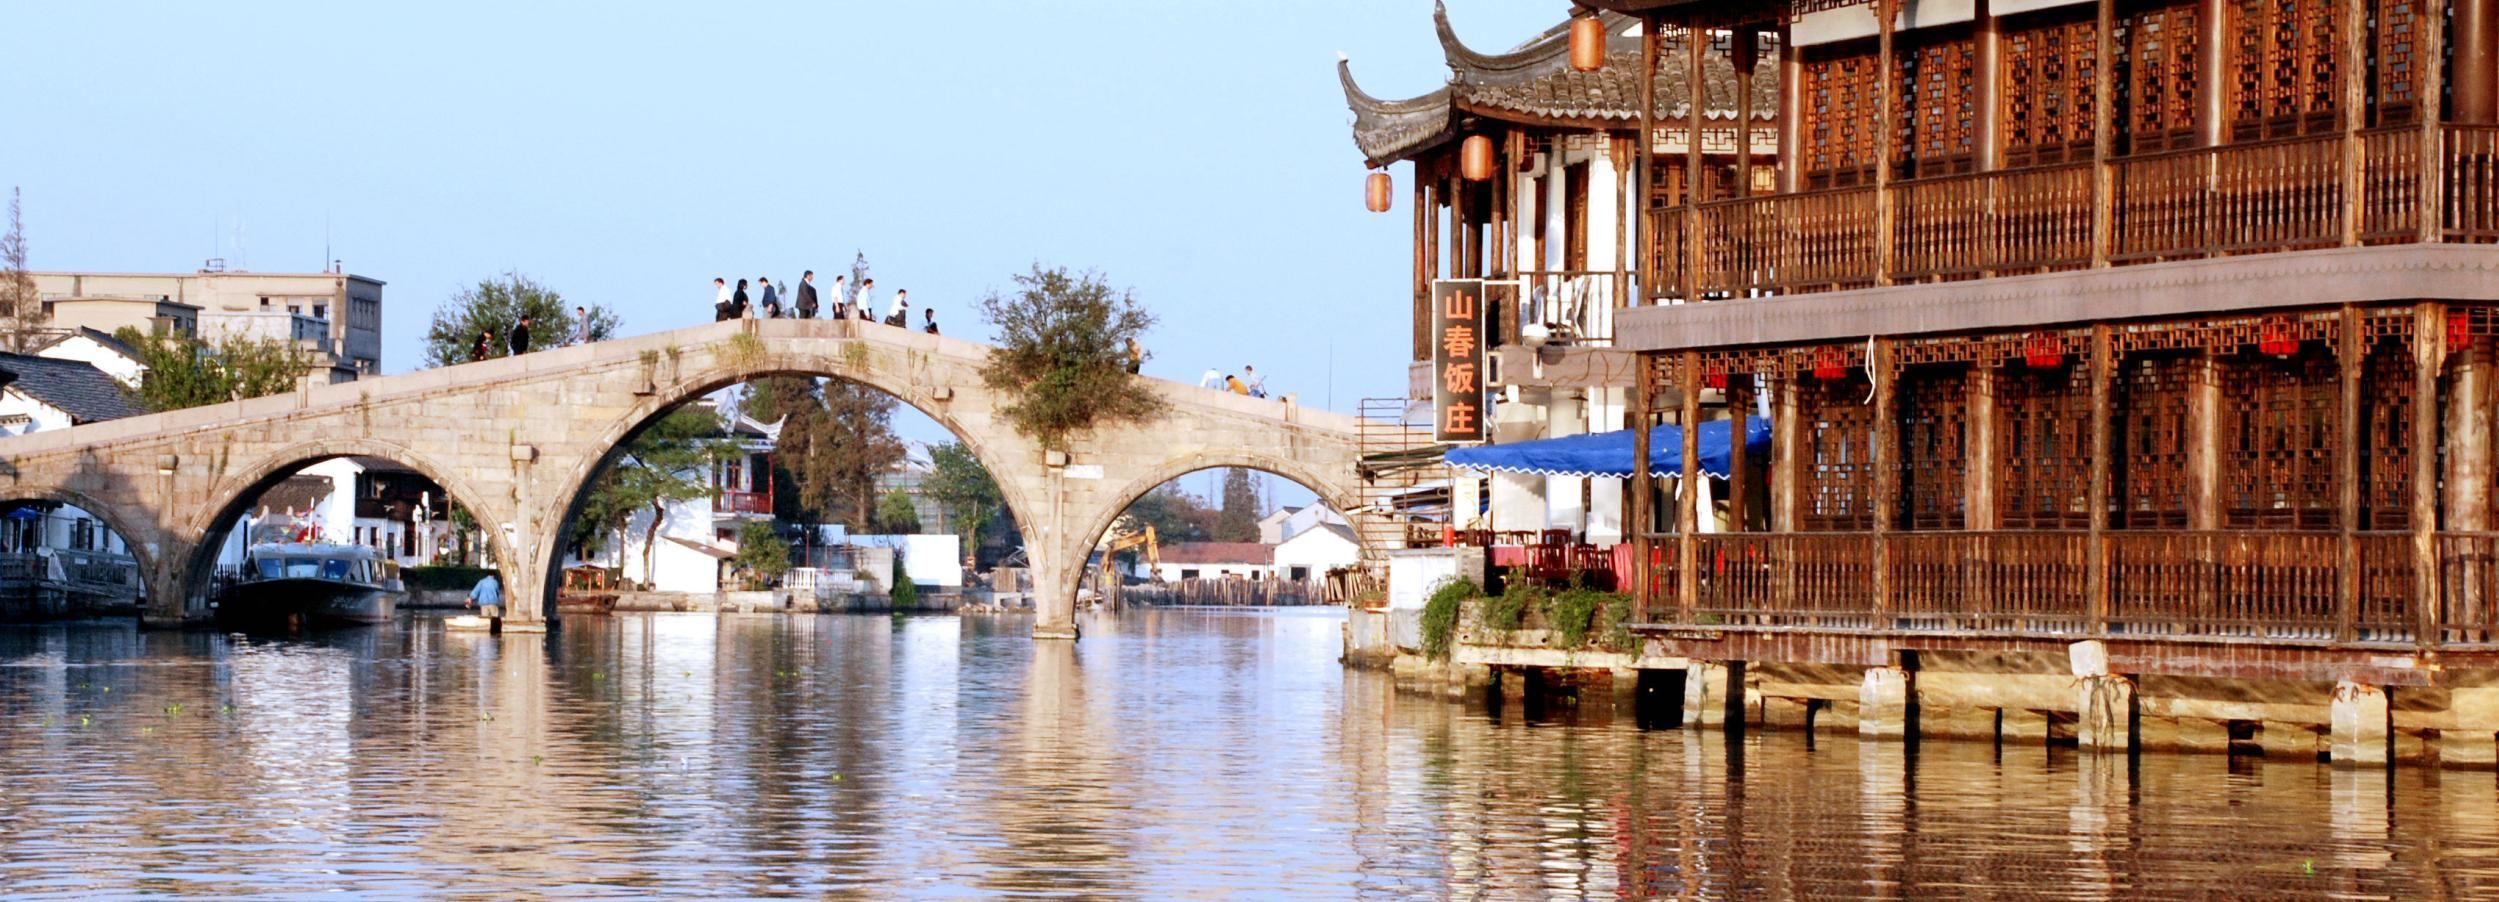 Shanghai: Zhujiajiao UNESCO Water Town Afternoon Tour